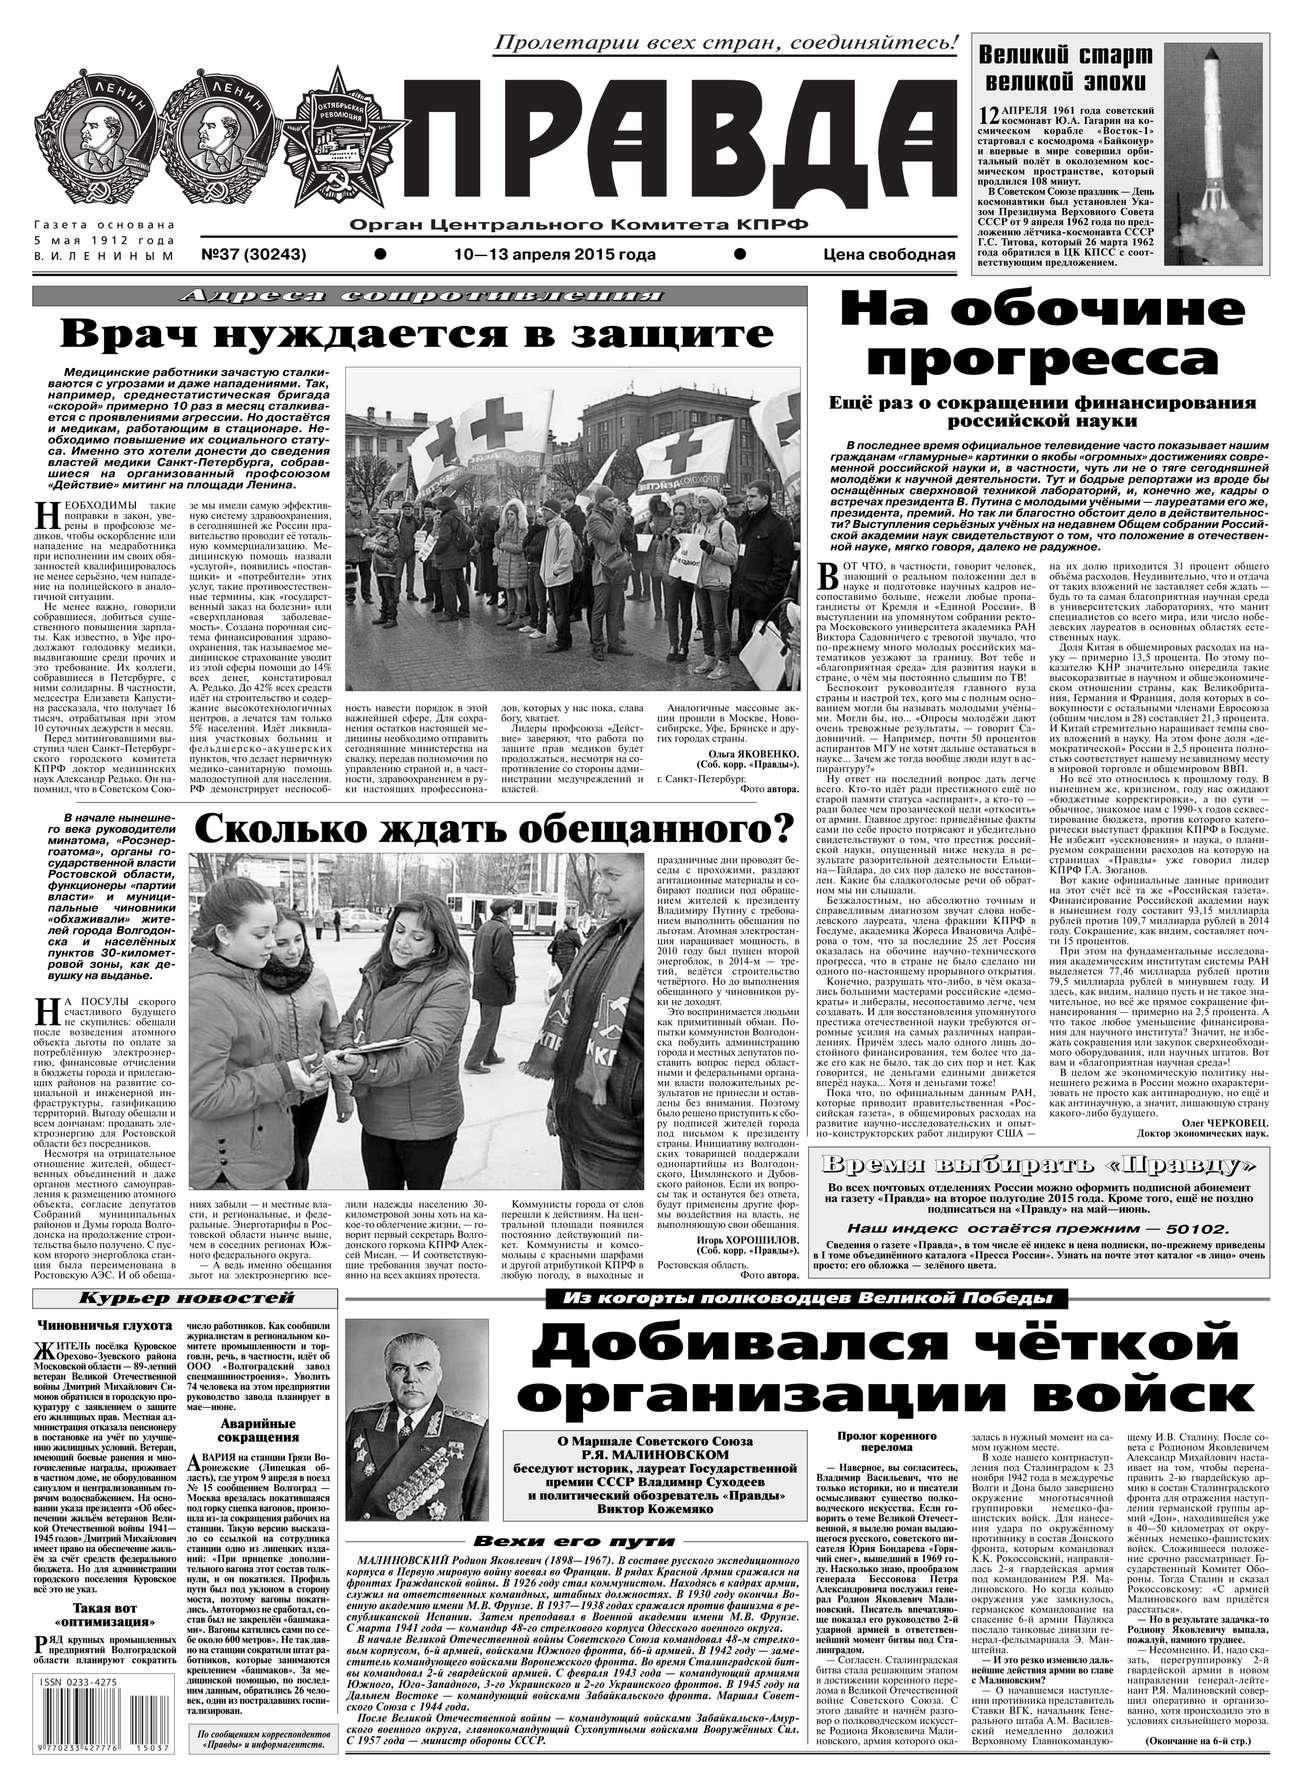 Редакция газеты Правда Правда 37-2015